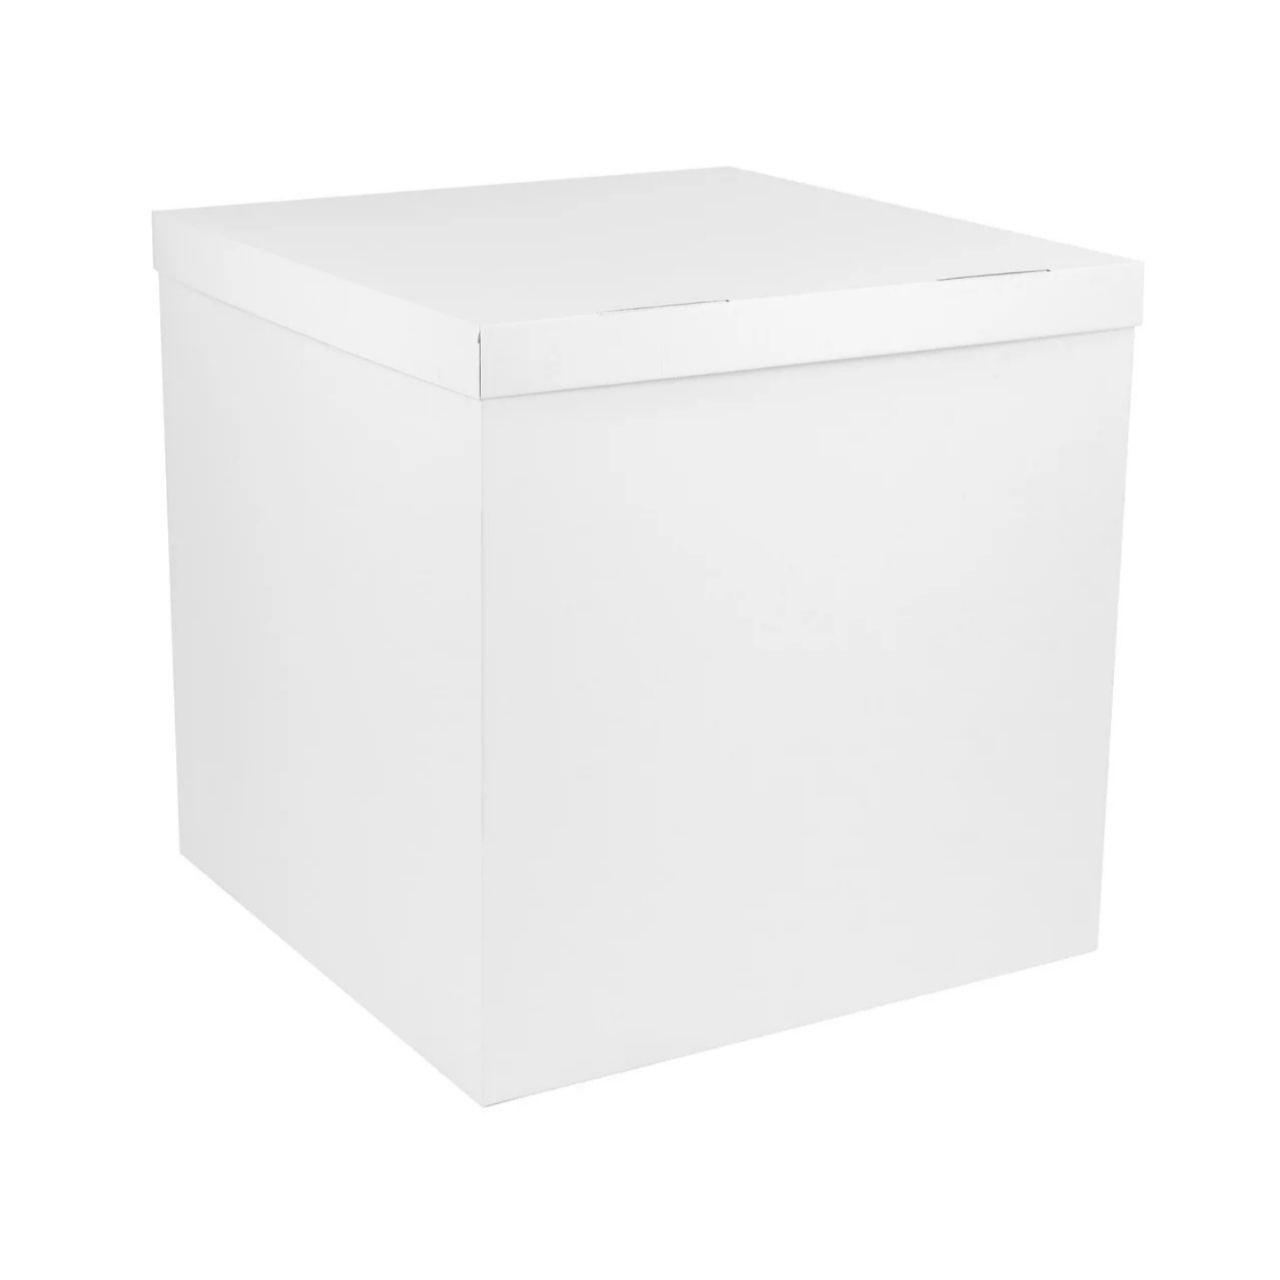 Коробка сюрприз для шаров белая, класс А 70х70х70см (белая внутри)